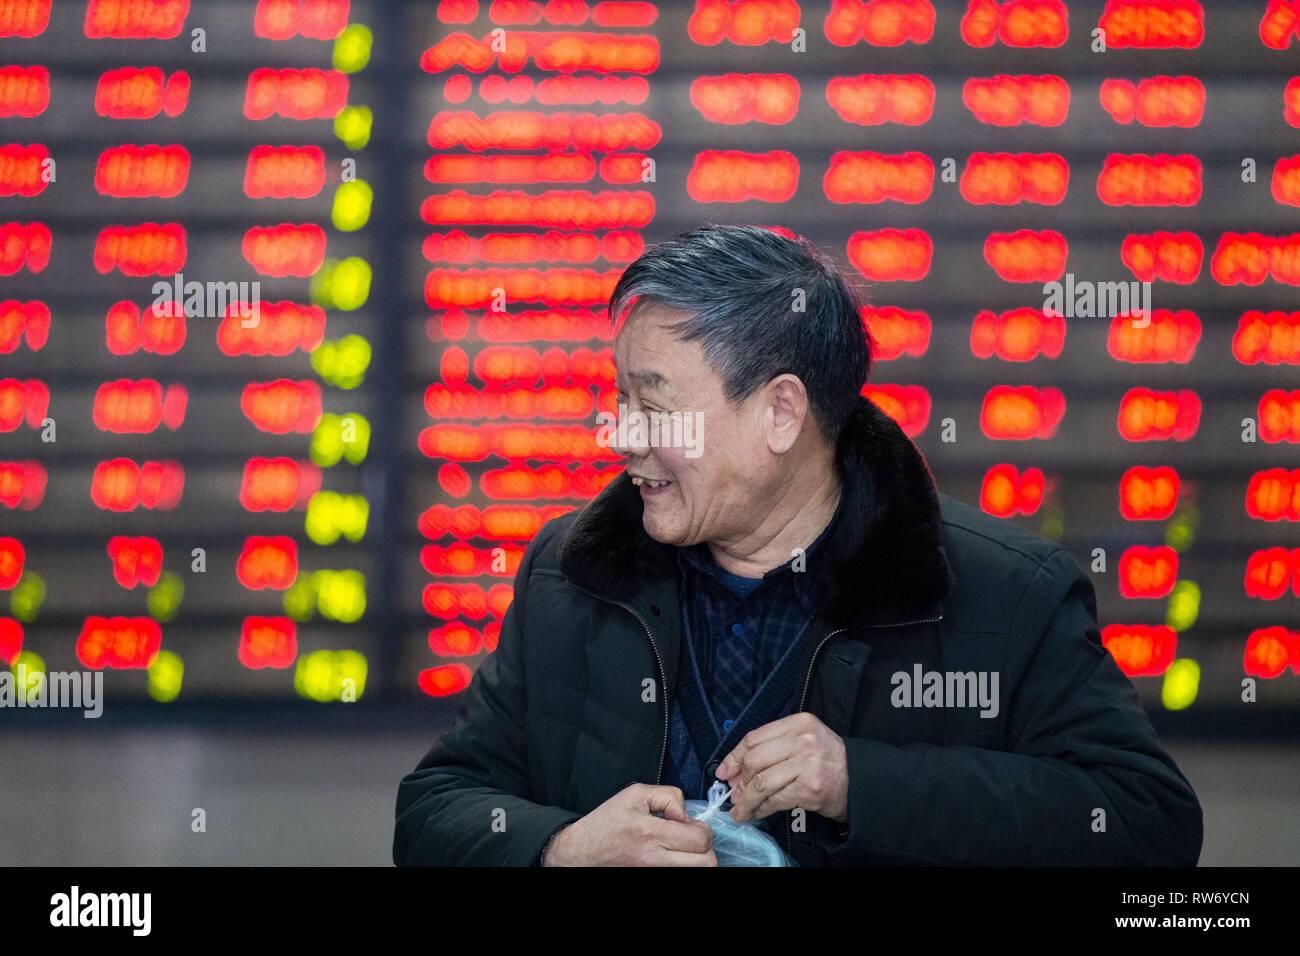 Peking, der chinesischen Provinz Jiangsu. 4 Mär, 2019. Ein Investor ist, die an einer Börse in Nanjing, der Hauptstadt der Provinz Jiangsu, China, 4. März 2019 gesehen. Chinesischen Aktien höher geschlossen Montag, nach der MSCI Entscheidung das Gewicht Chinas A-Aktien in ihren Indizes zu erhöhen und die neu vorgestellten Regelungen auf den sci-tech Board. Der Benchmark Shanghai Composite Index gewann 1,12 Prozent auf 3,027.58 zu beenden, durch die 3.000 brechen - Punkt. Credit: Su Yang/Xinhua/Alamy leben Nachrichten Stockbild